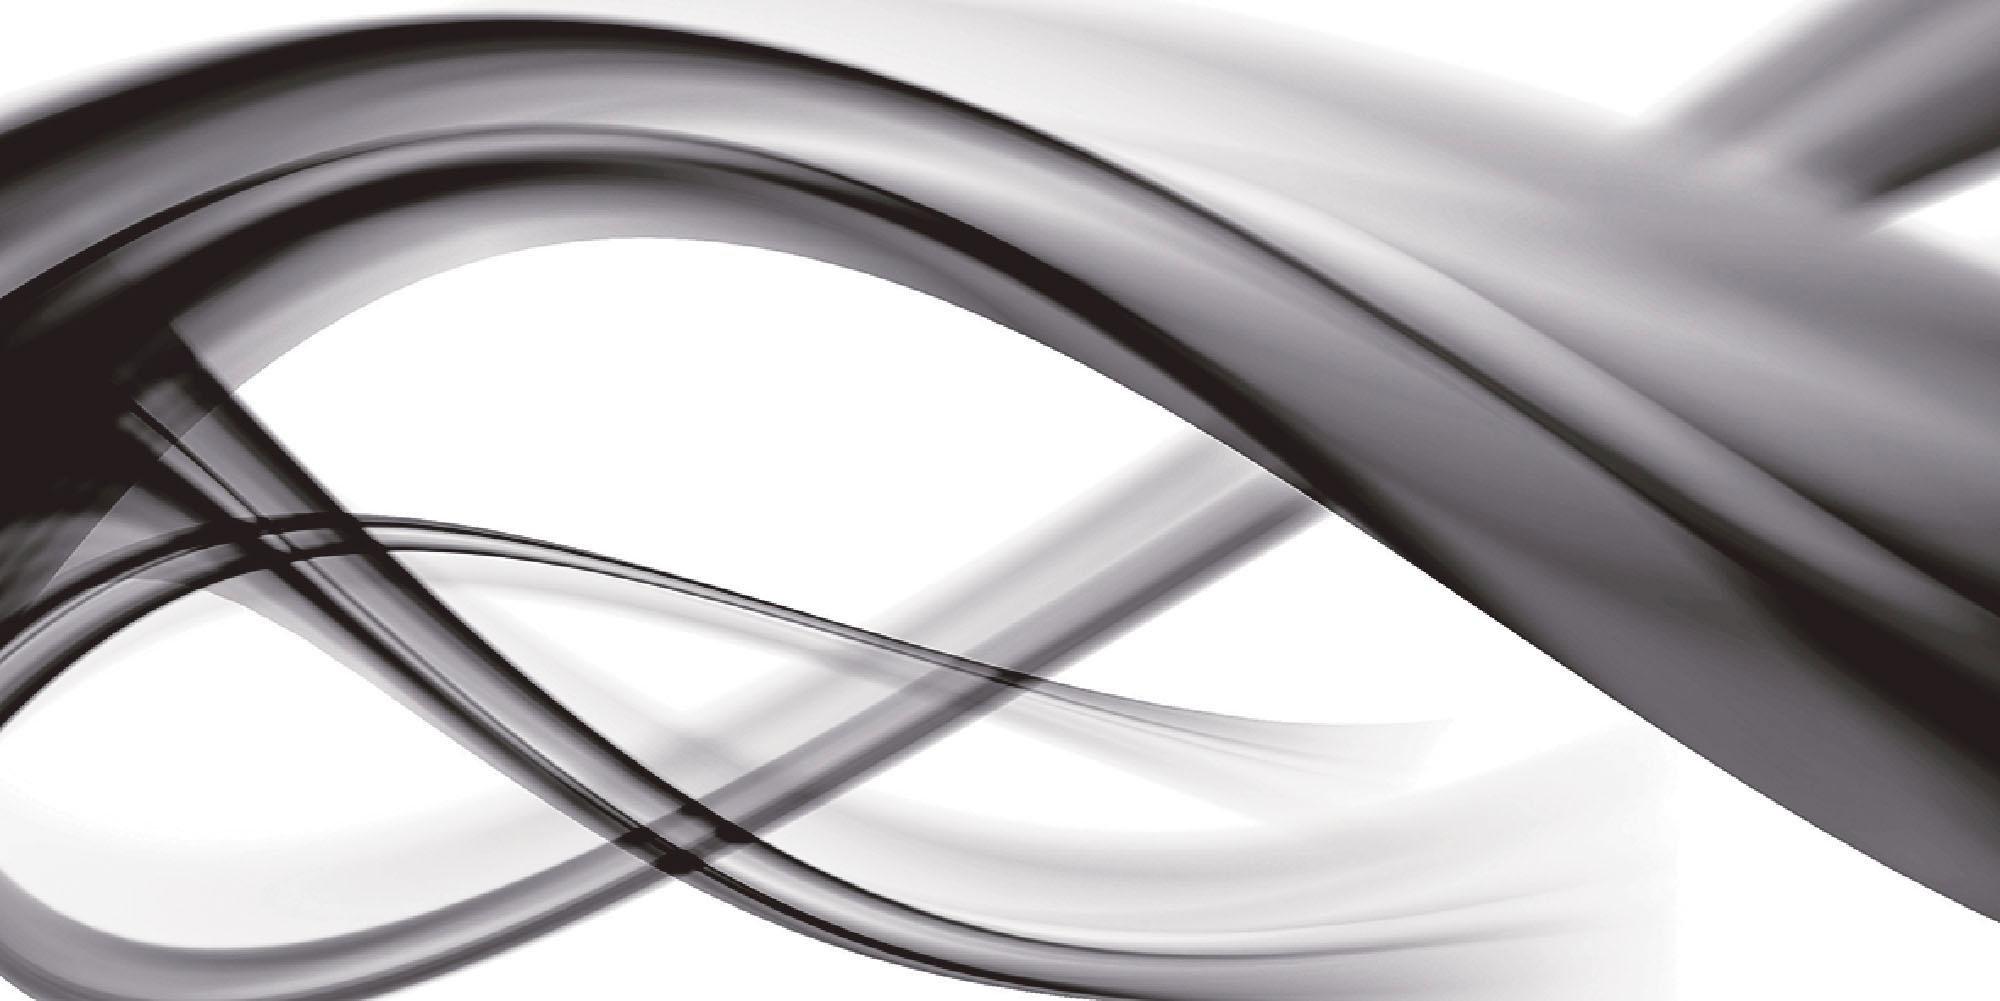 Op zoek naar een Home affaire print op glas B. Bocos: abstracte compositie (a/w)? Koop online bij OTTO